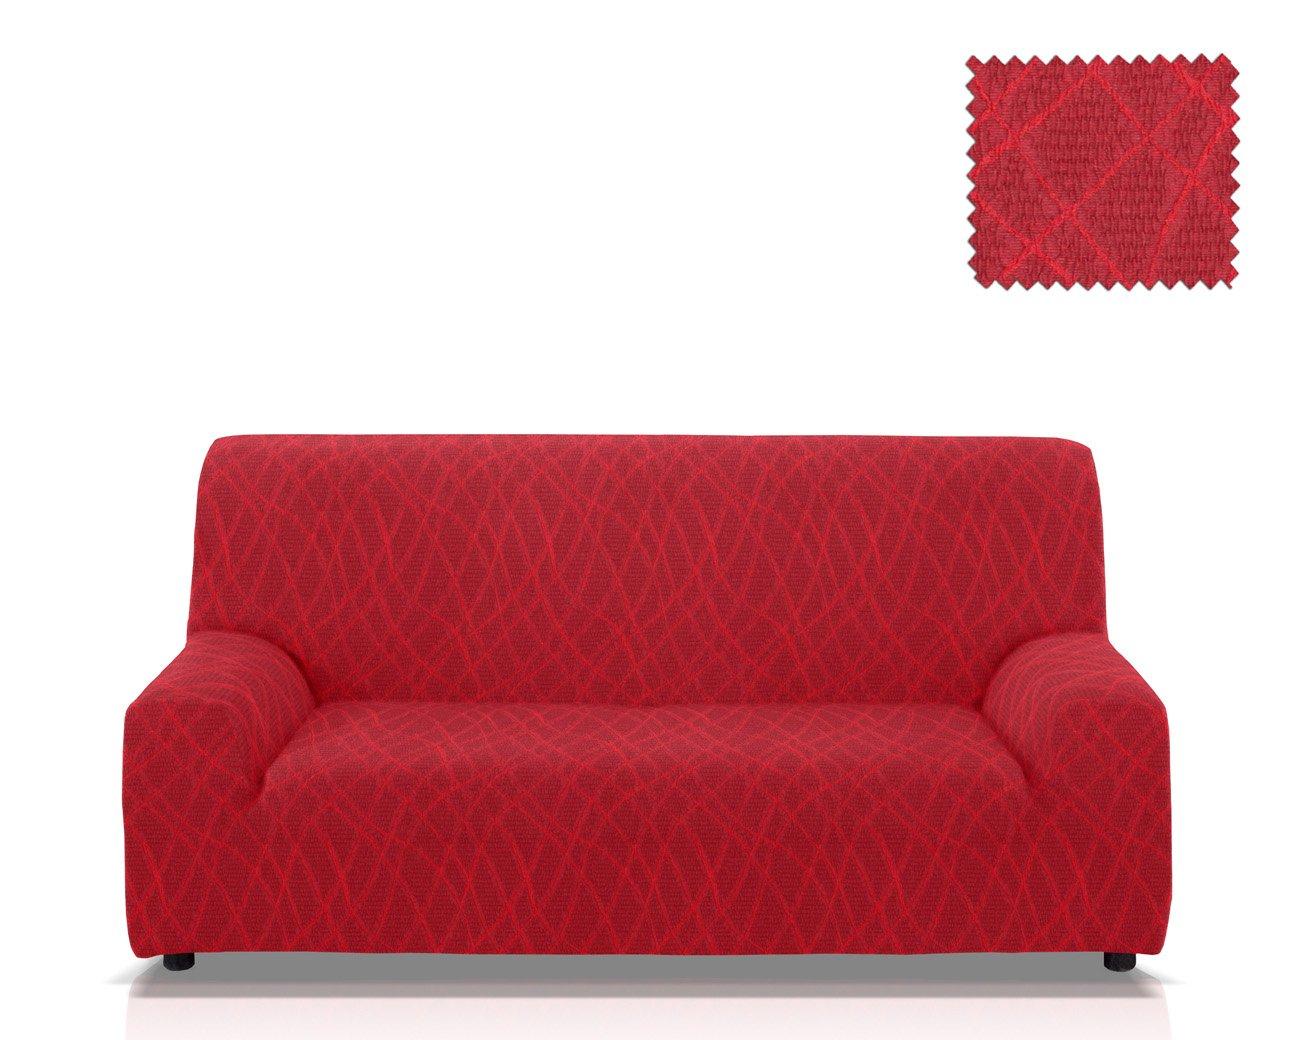 Elastische Sofahuss Mercurio Grösse 3 3 3 Sitzer(von 165 bis 205 Cm.), Farbe Rot (mehrere Farben verfügbar) cb537e